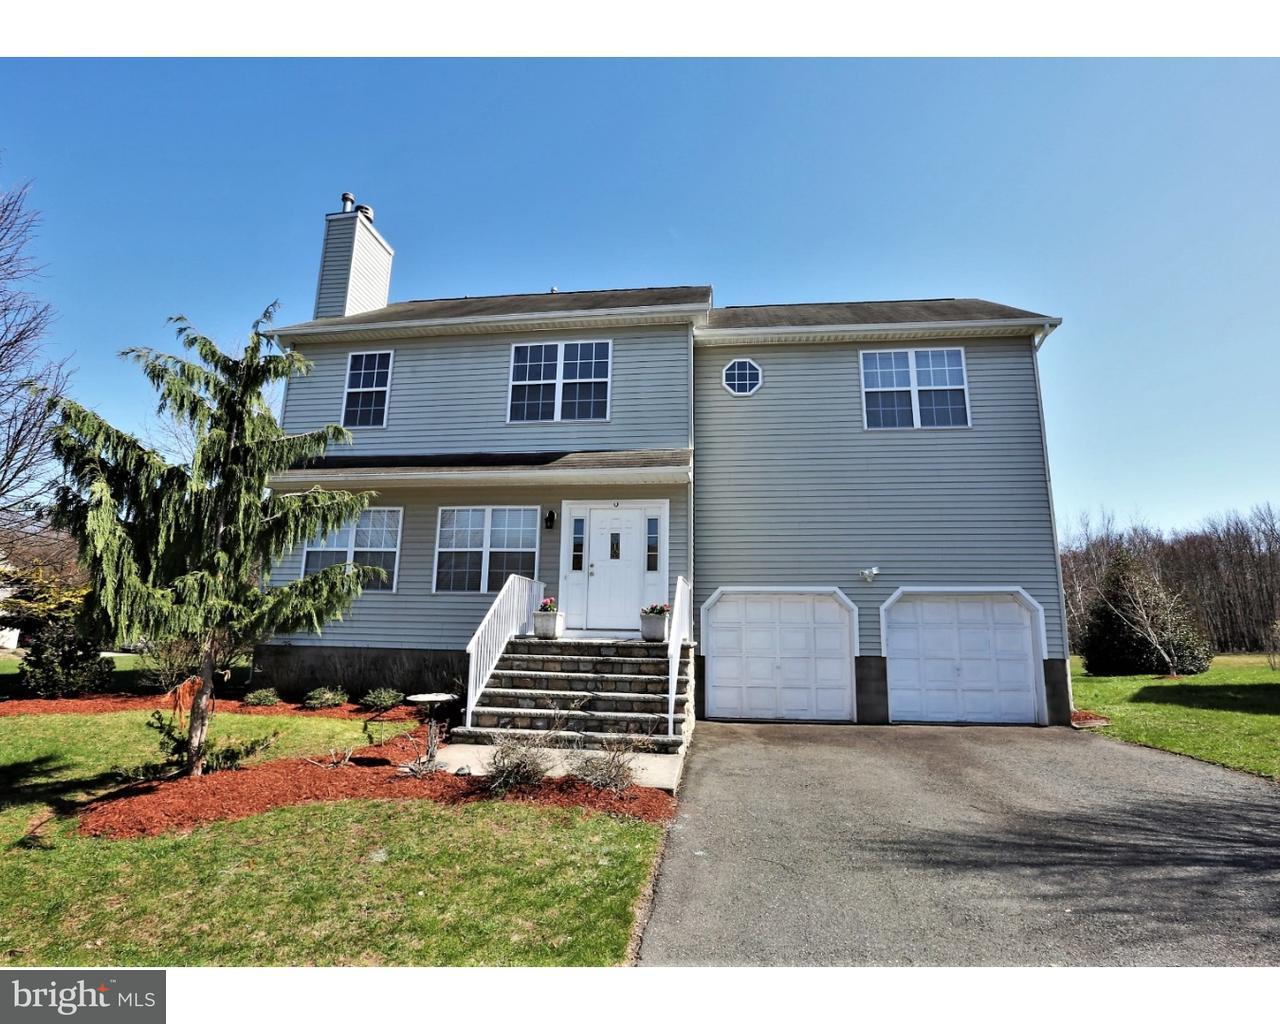 Casa Unifamiliar por un Venta en 68 JARED BLVD Kendall Park, Nueva Jersey 08824 Estados UnidosEn/Alrededor: South Brunswick Township